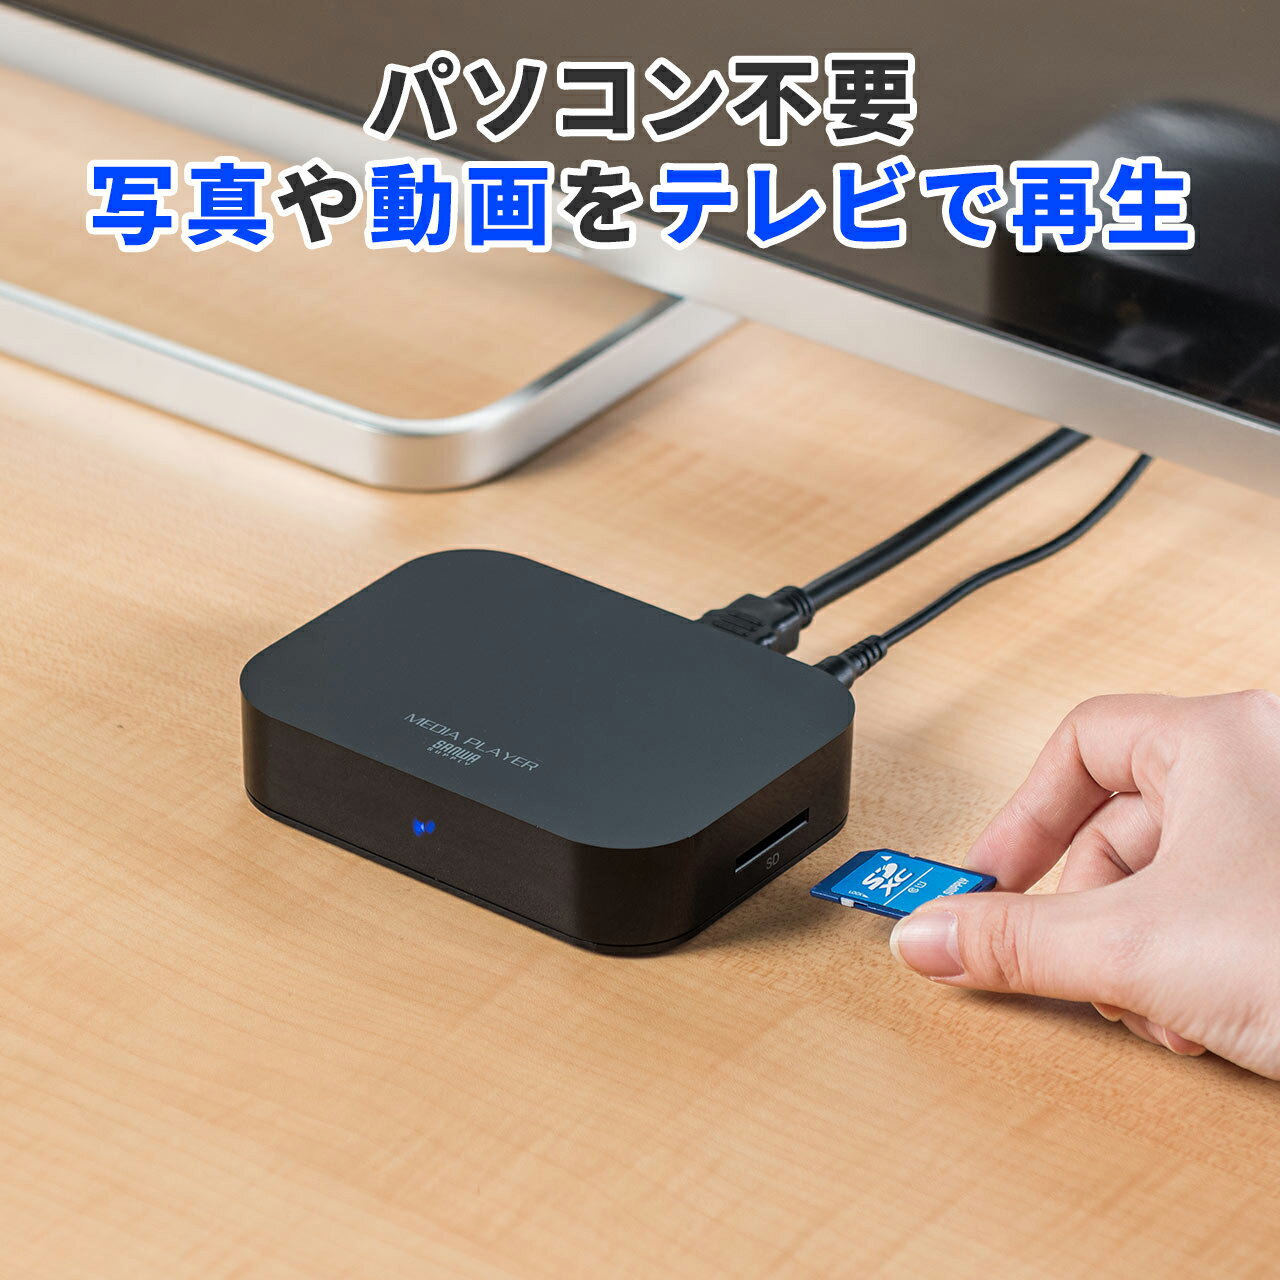 【送料無料】メディアプレーヤー SDカード・USBメモリ対応 動画・音楽・写真再生 HDMI・VGA・コンポジット・コンポーネント出力対応 テレビ再生 写真や動画をテレビで再生 [400-MEDI022]【サンワダイレクト限定品】